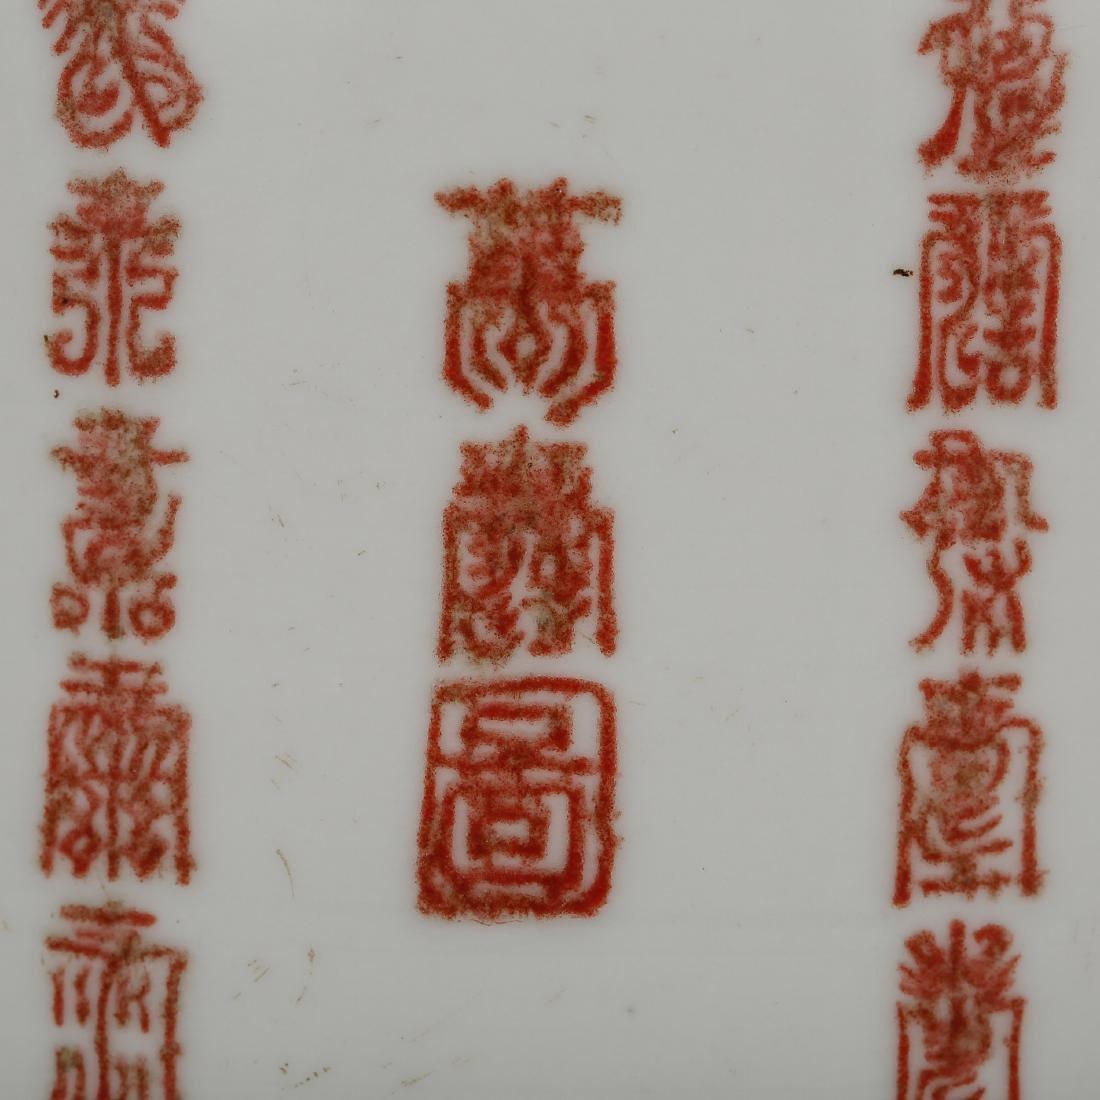 CHINESE IRON RED CALLIGRAPHY BRUSH POT - 4